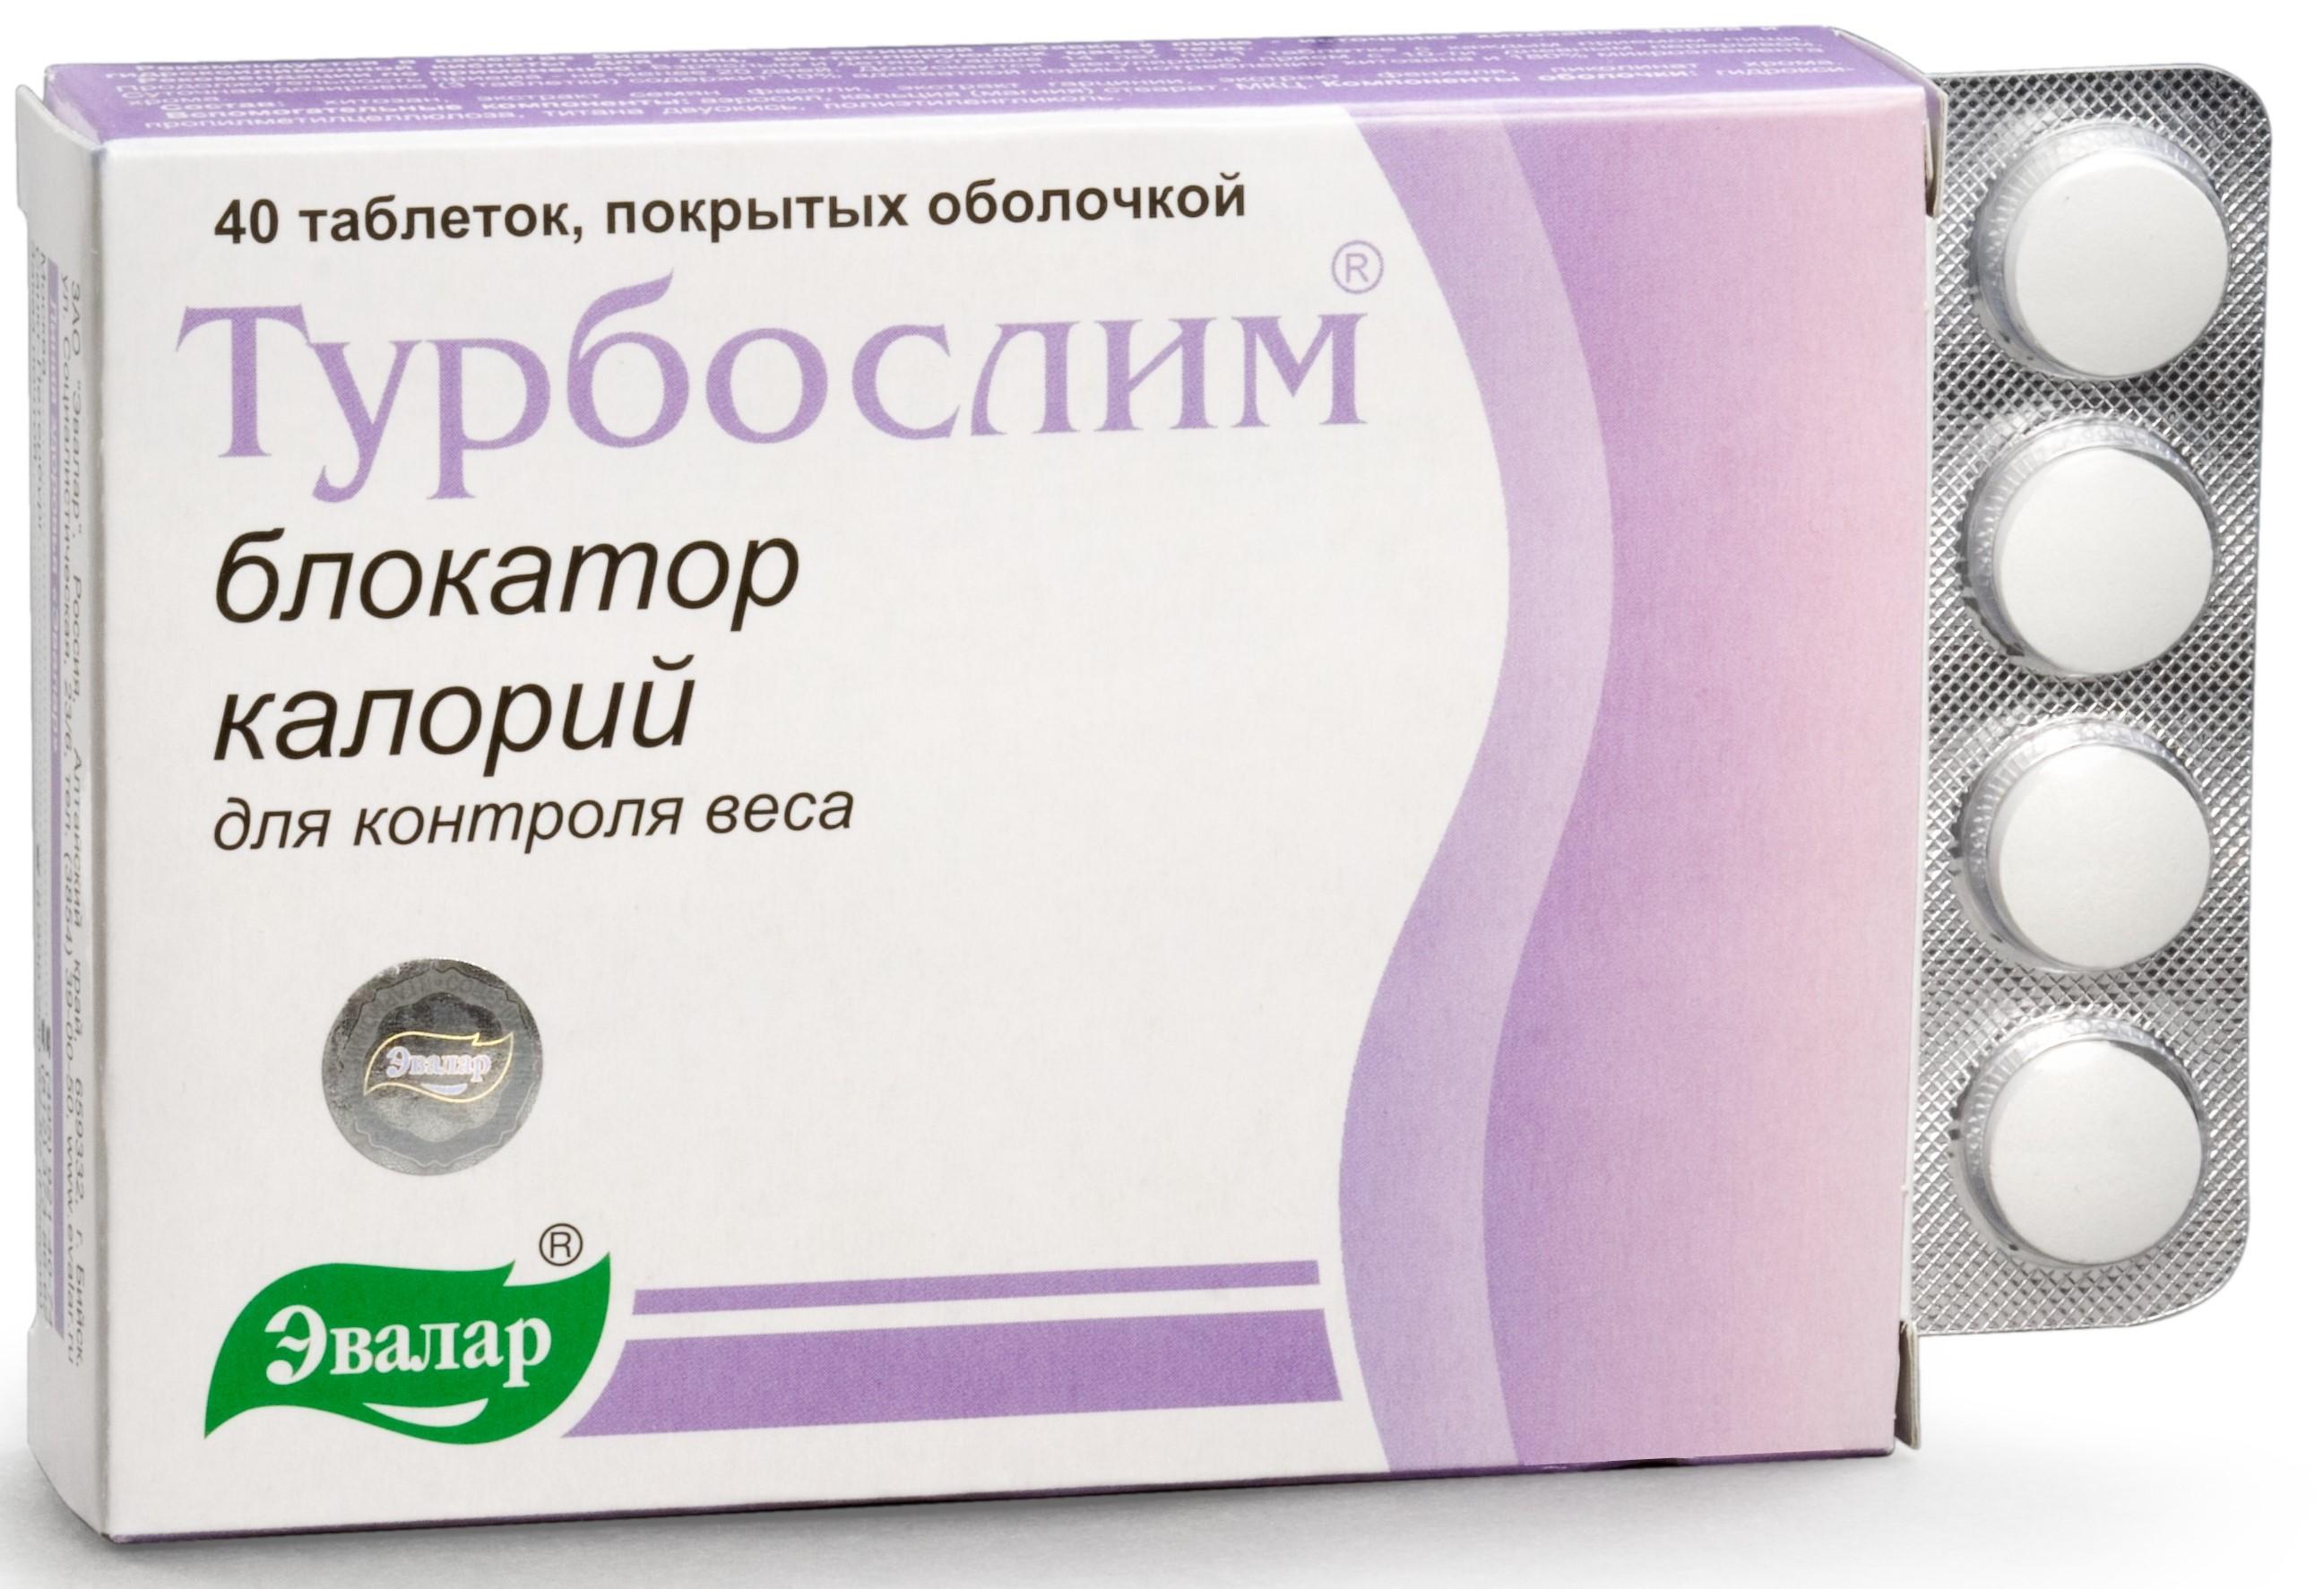 Какие Лекарства Похудеть. Таблетки для похудения рейтинг препаратов